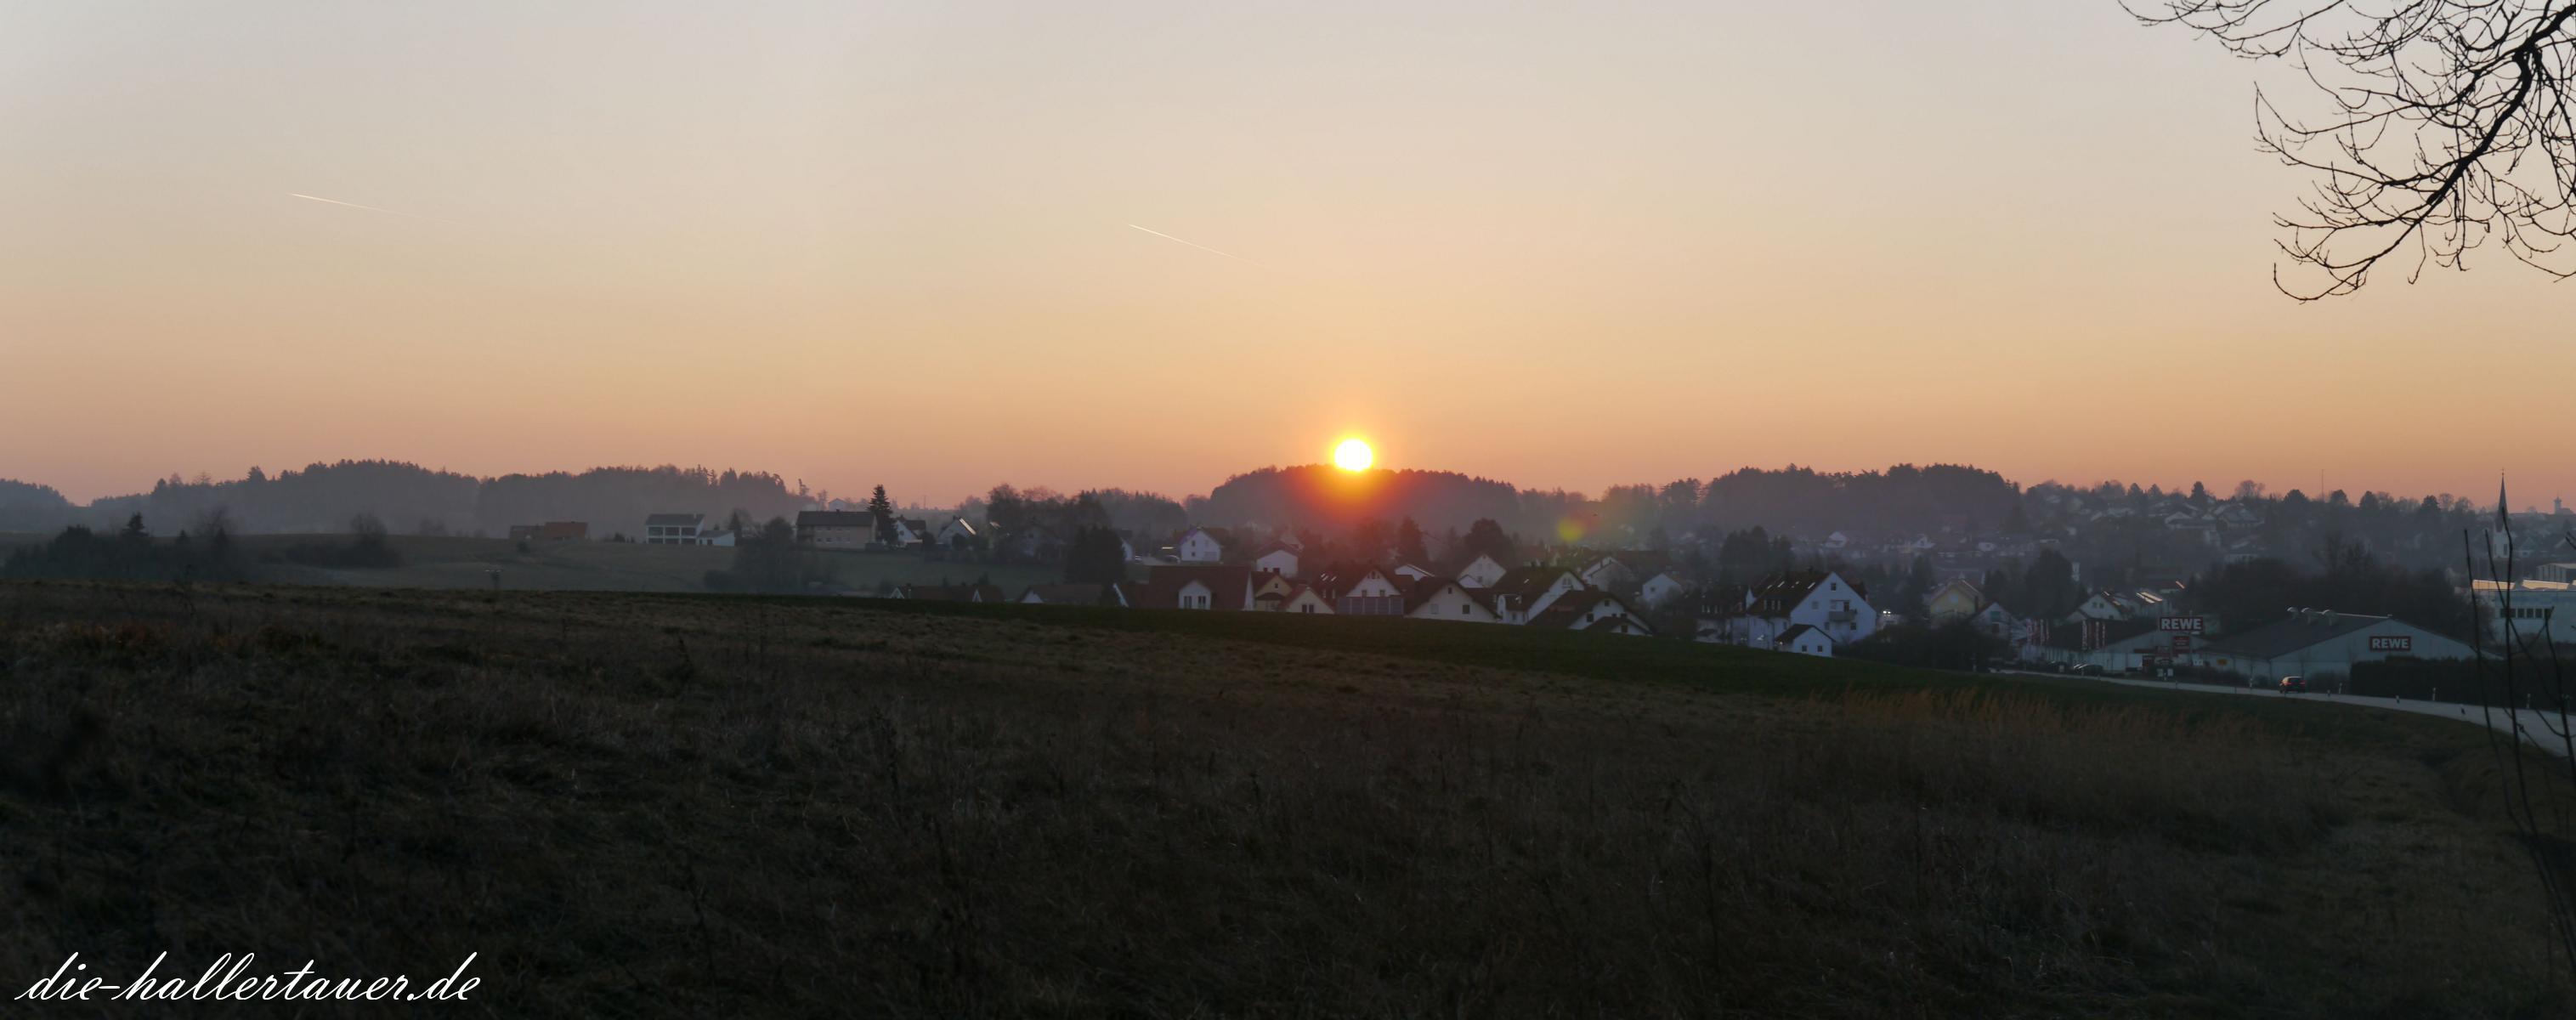 Sonnenaufgang über Nandlstadt